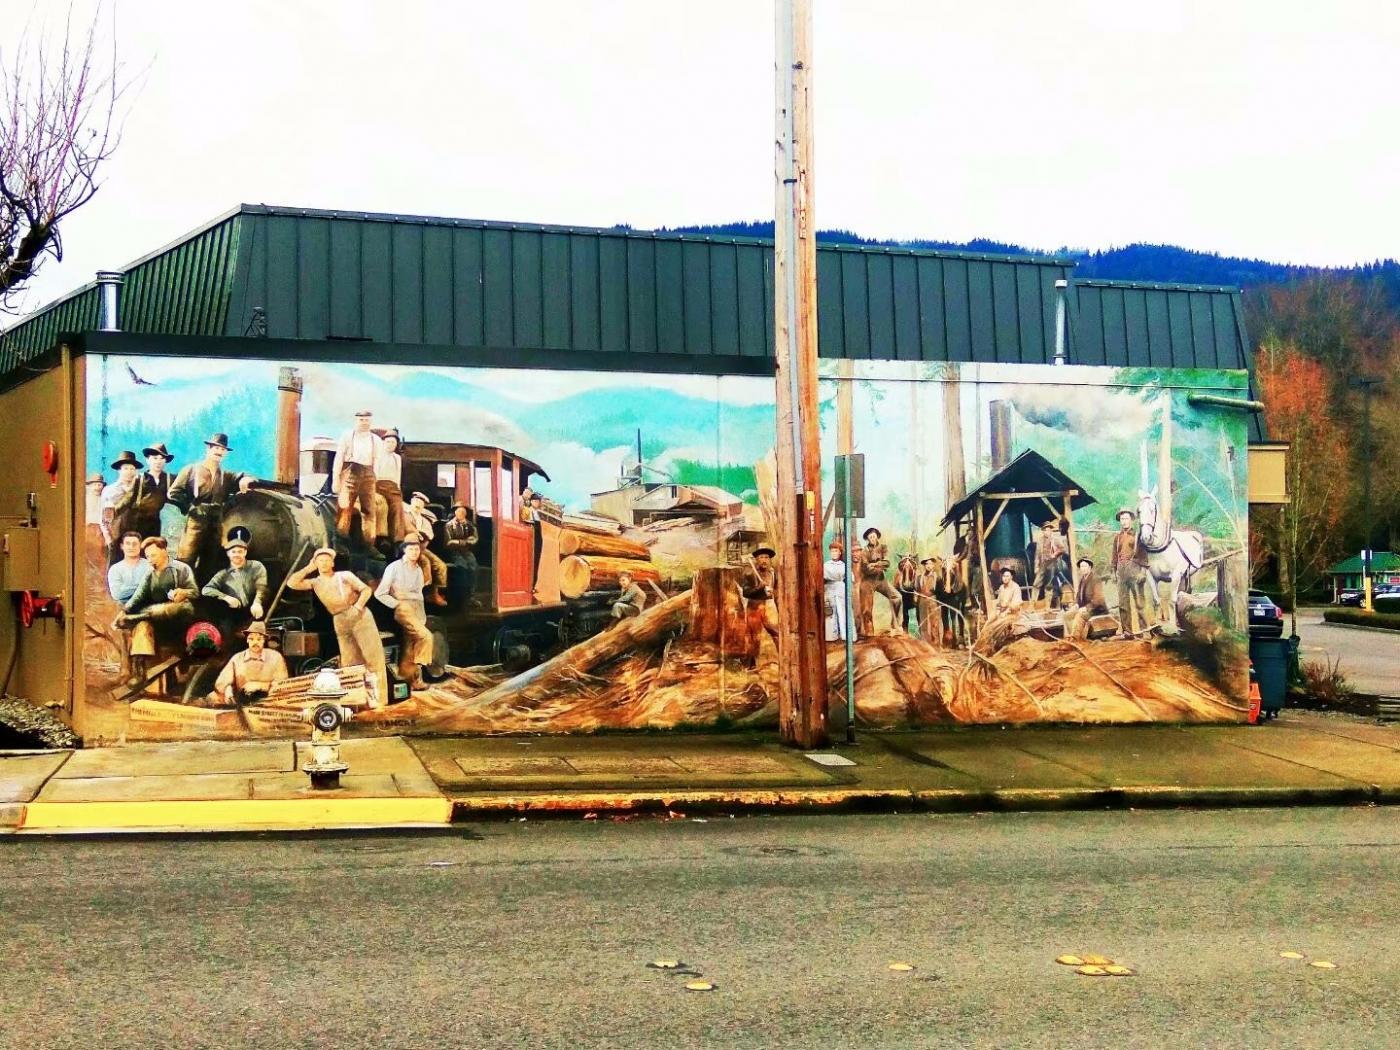 美国小镇街边壁画(图)_图1-8